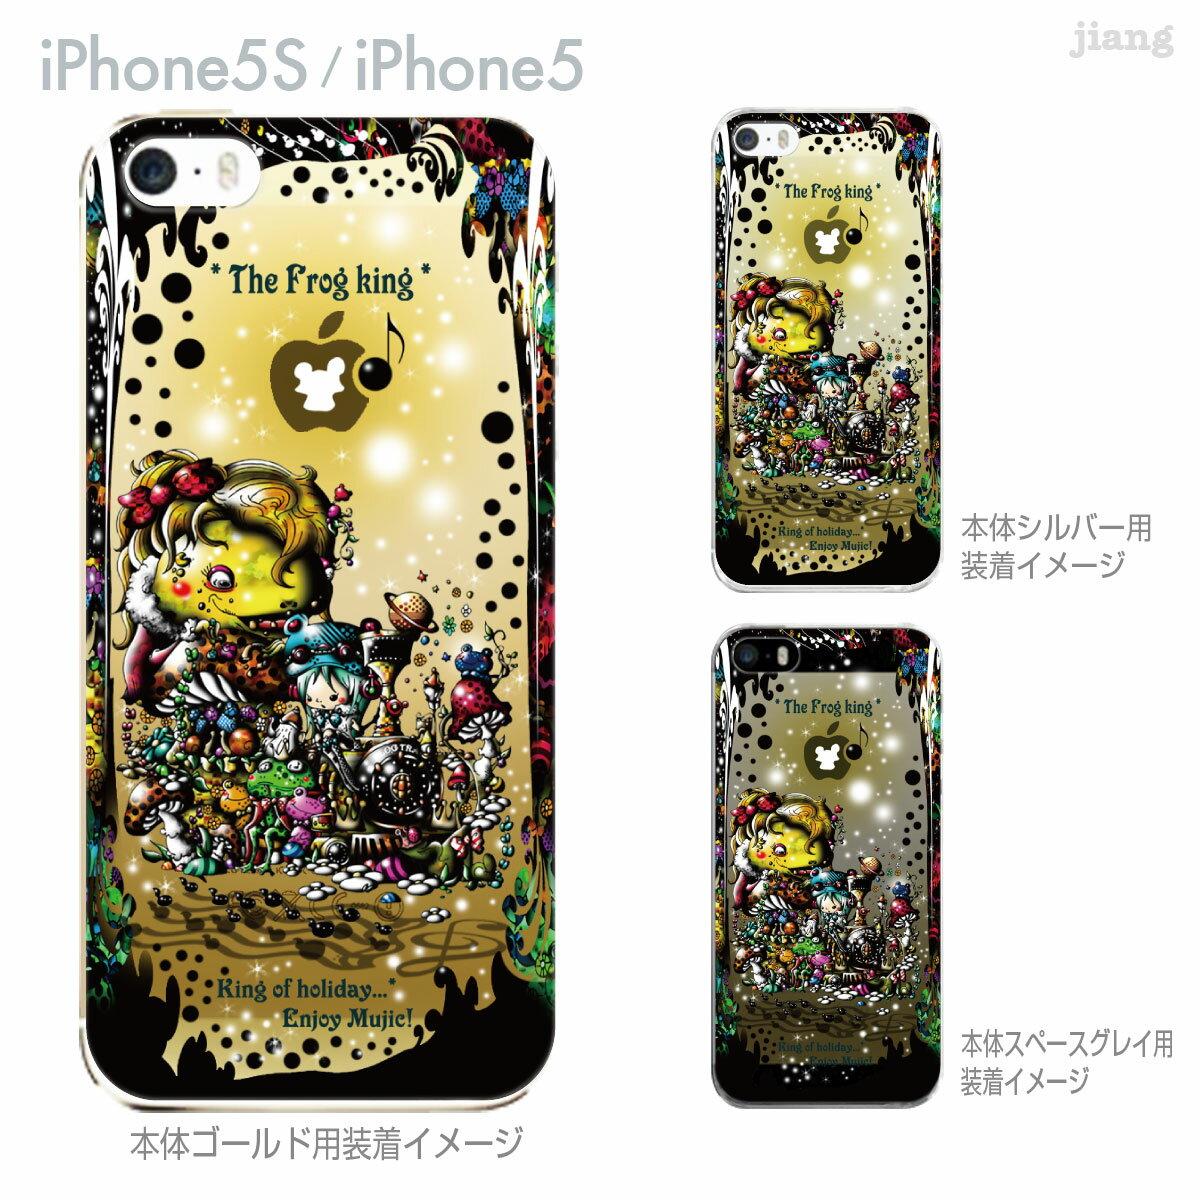 【iPhone5s】【iPhone5】【Little World】【iPhone5ケース】【カバー】【スマホケース】【クリアケース】【イラスト】【グリム童話】【かえるの王様】 25-ip5s-am0097